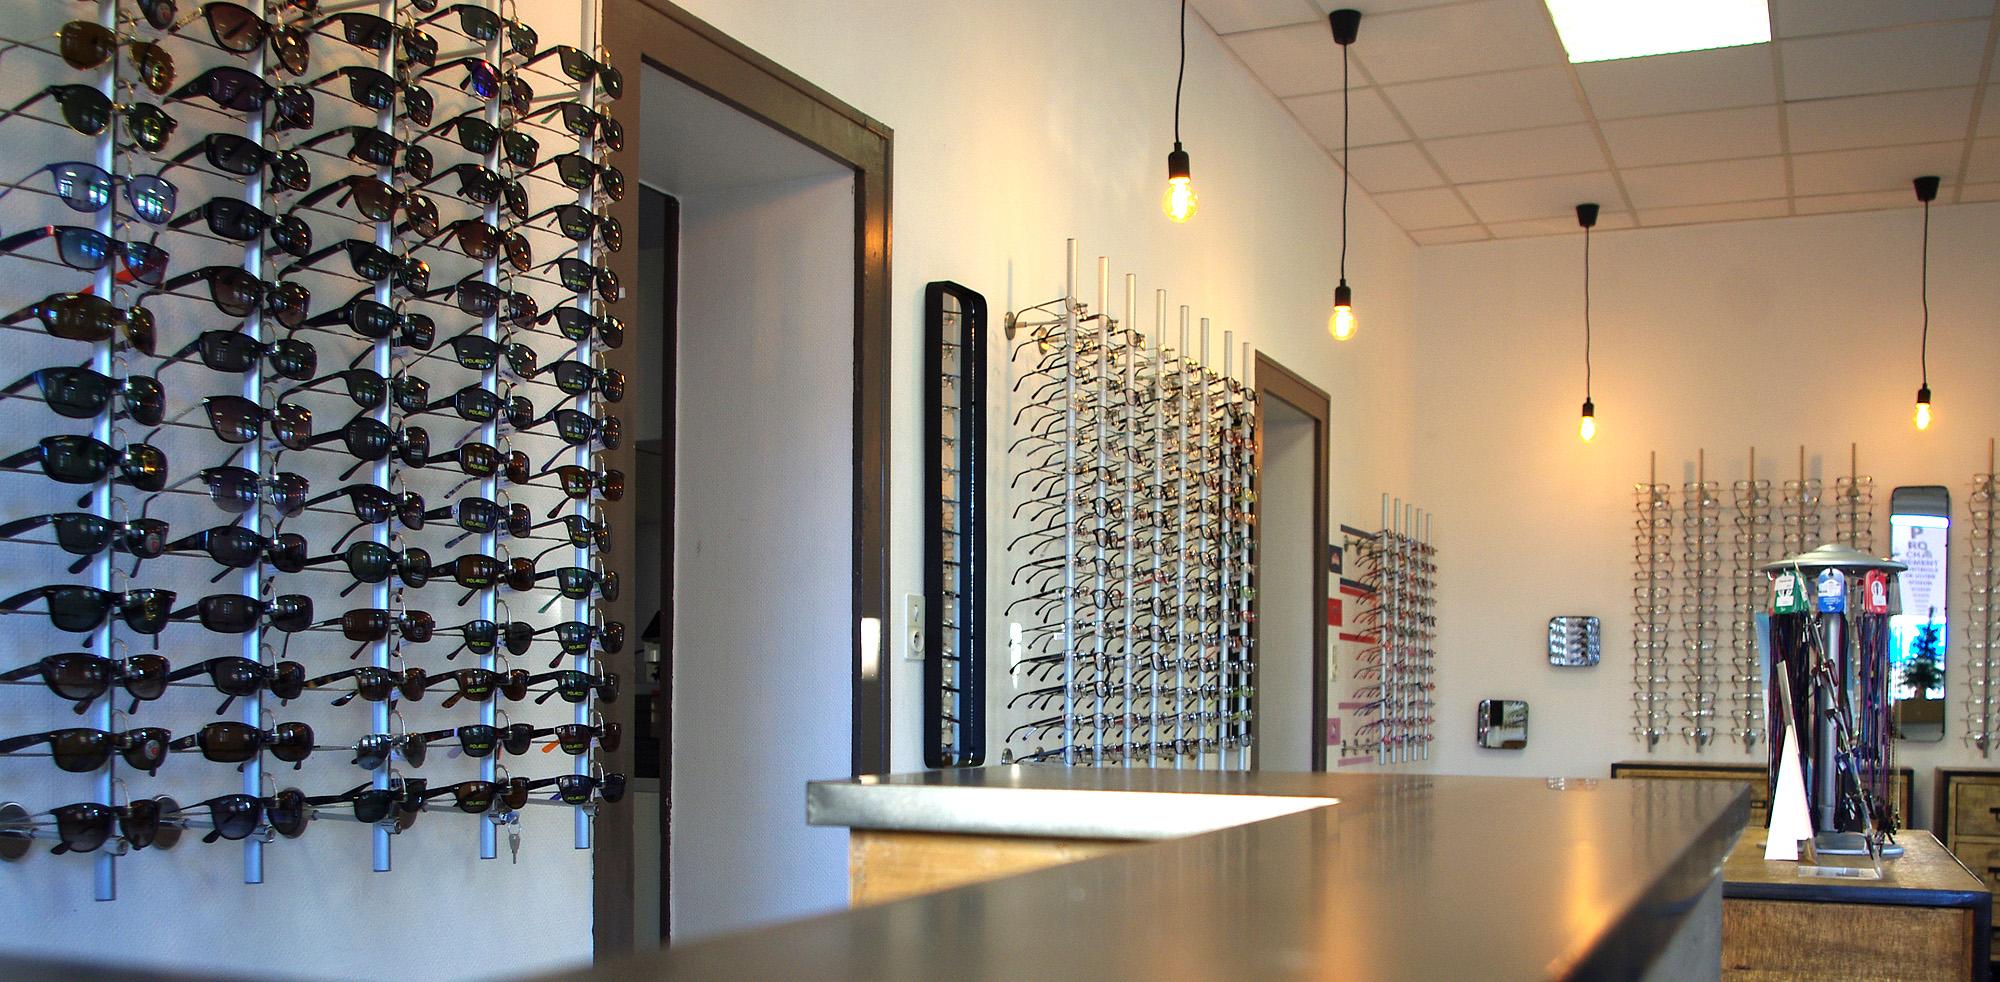 Opticien Accueil Optique Lunettes Des Bonnat 3 Lacs Creuse rWCdxBoe